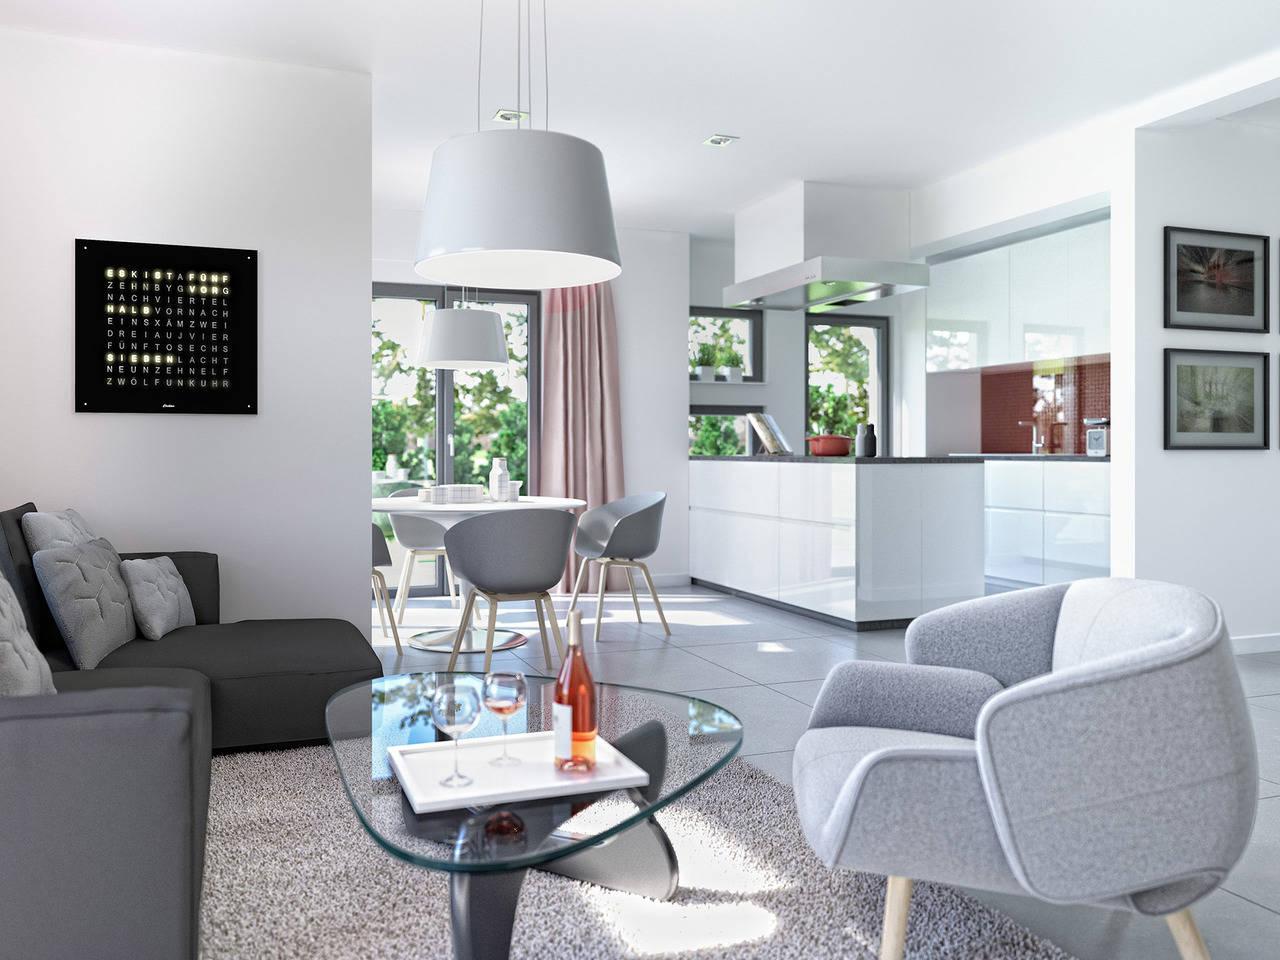 Haus SOLUTION 87 V2 Wohnzimmer von Living Haus